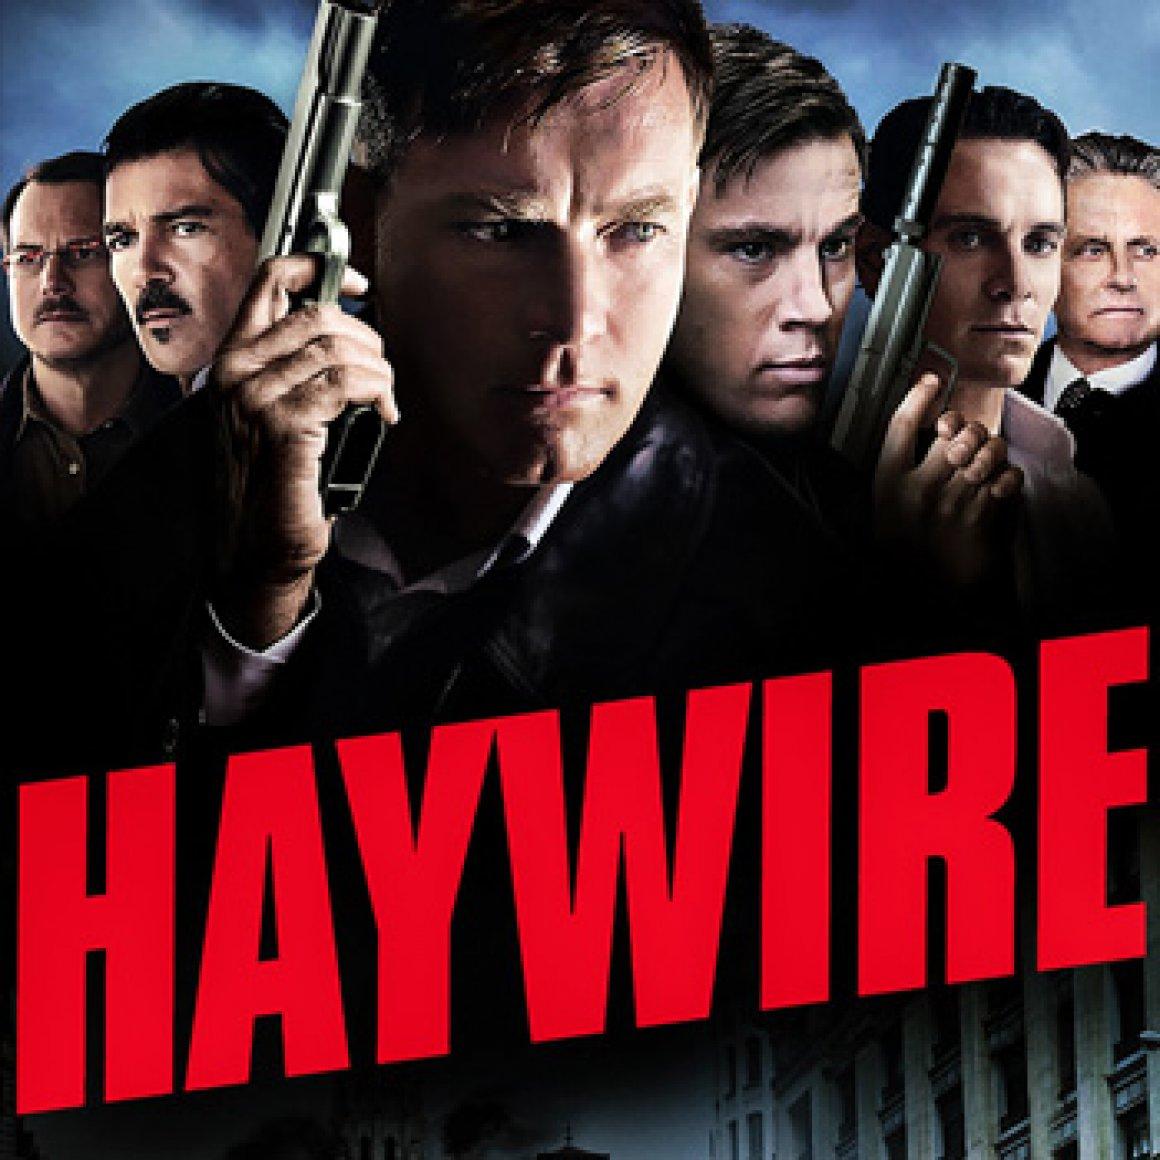 prod haywire 02 1160x1160 1 - Tax rebate